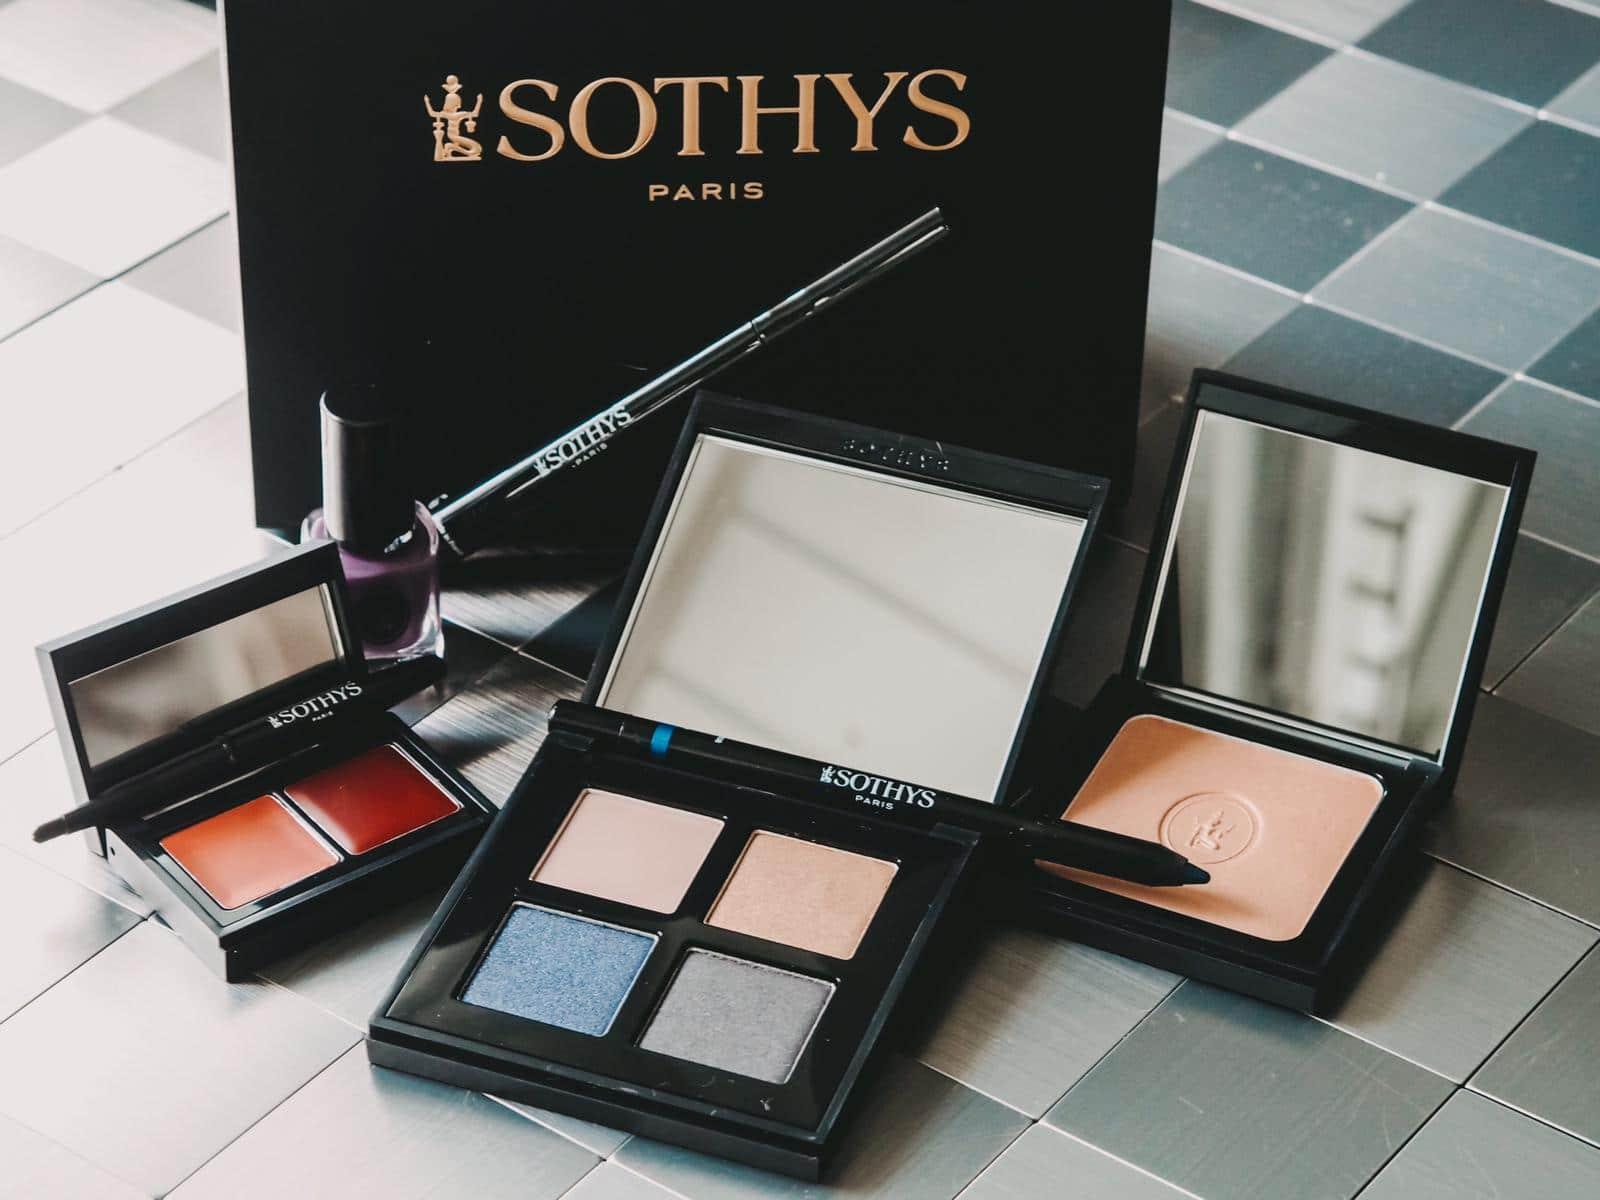 Mit der neuen SothysBleu envoutant Kollektionsetzt die hochwertige Marke aus Parisim Herbst und Winter auf das magische Spiel von Licht und Schatten.